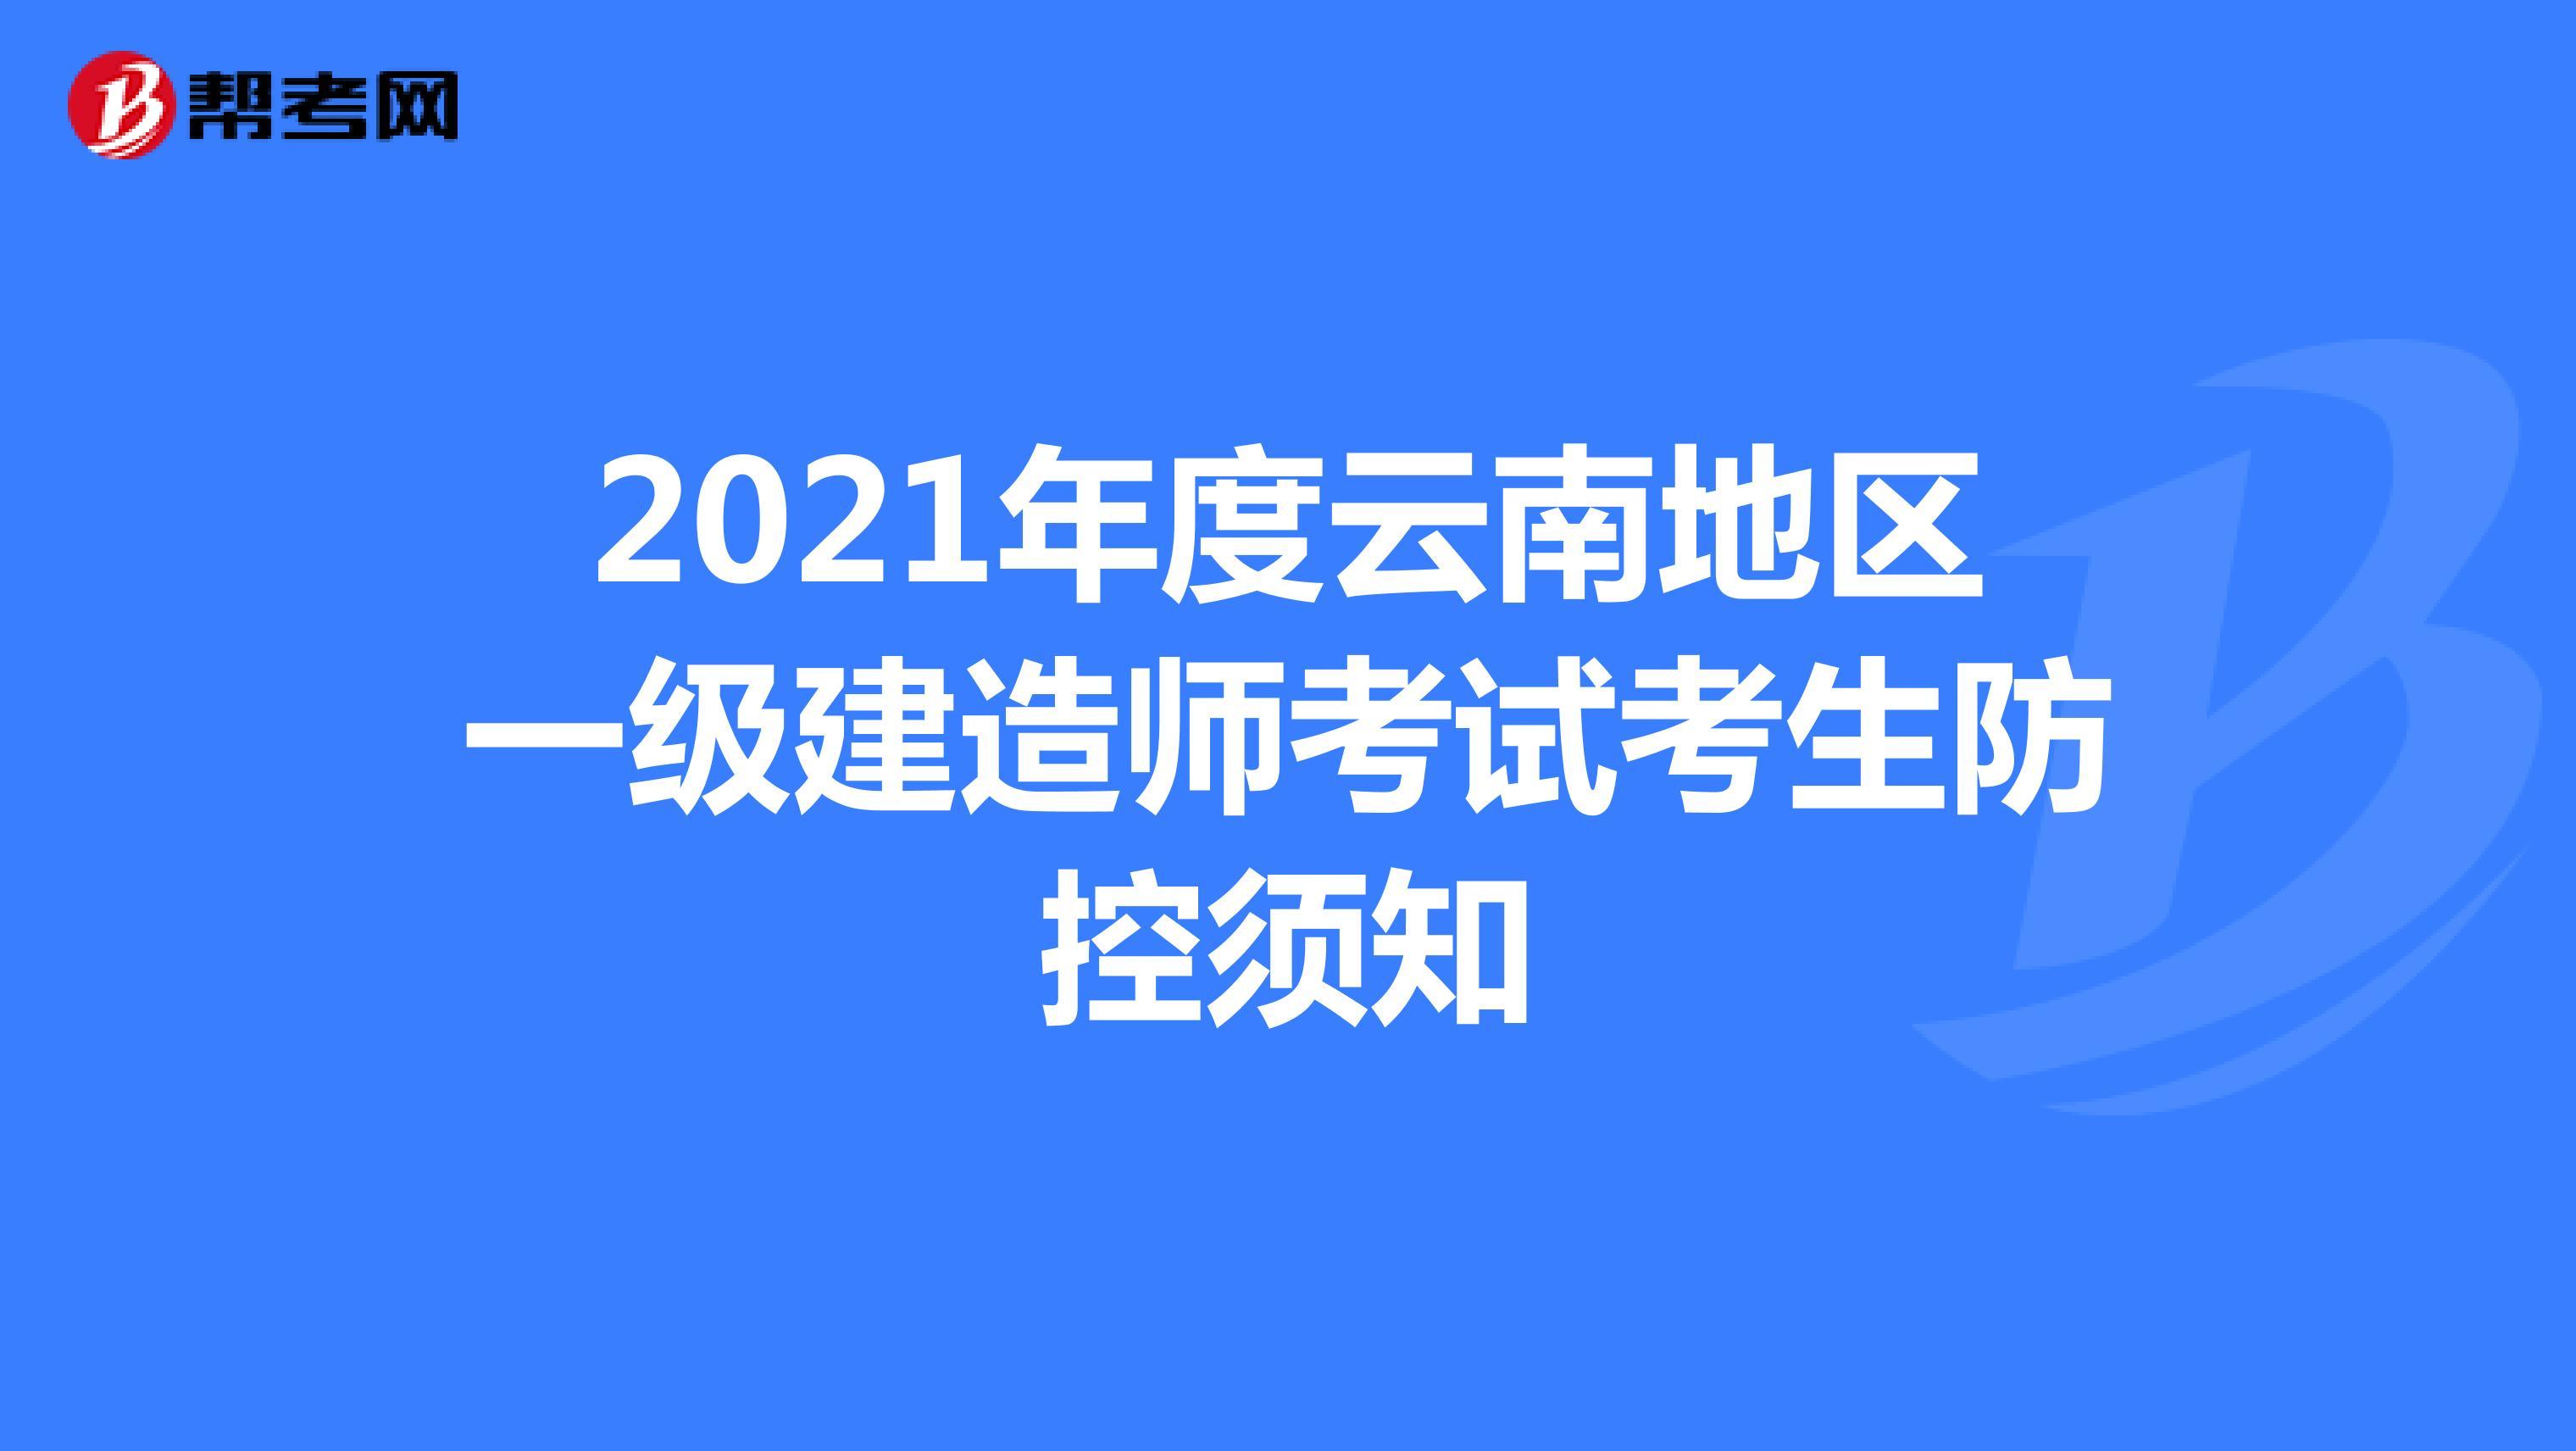 2021年度云南地区一级建造师考试考生防控须知